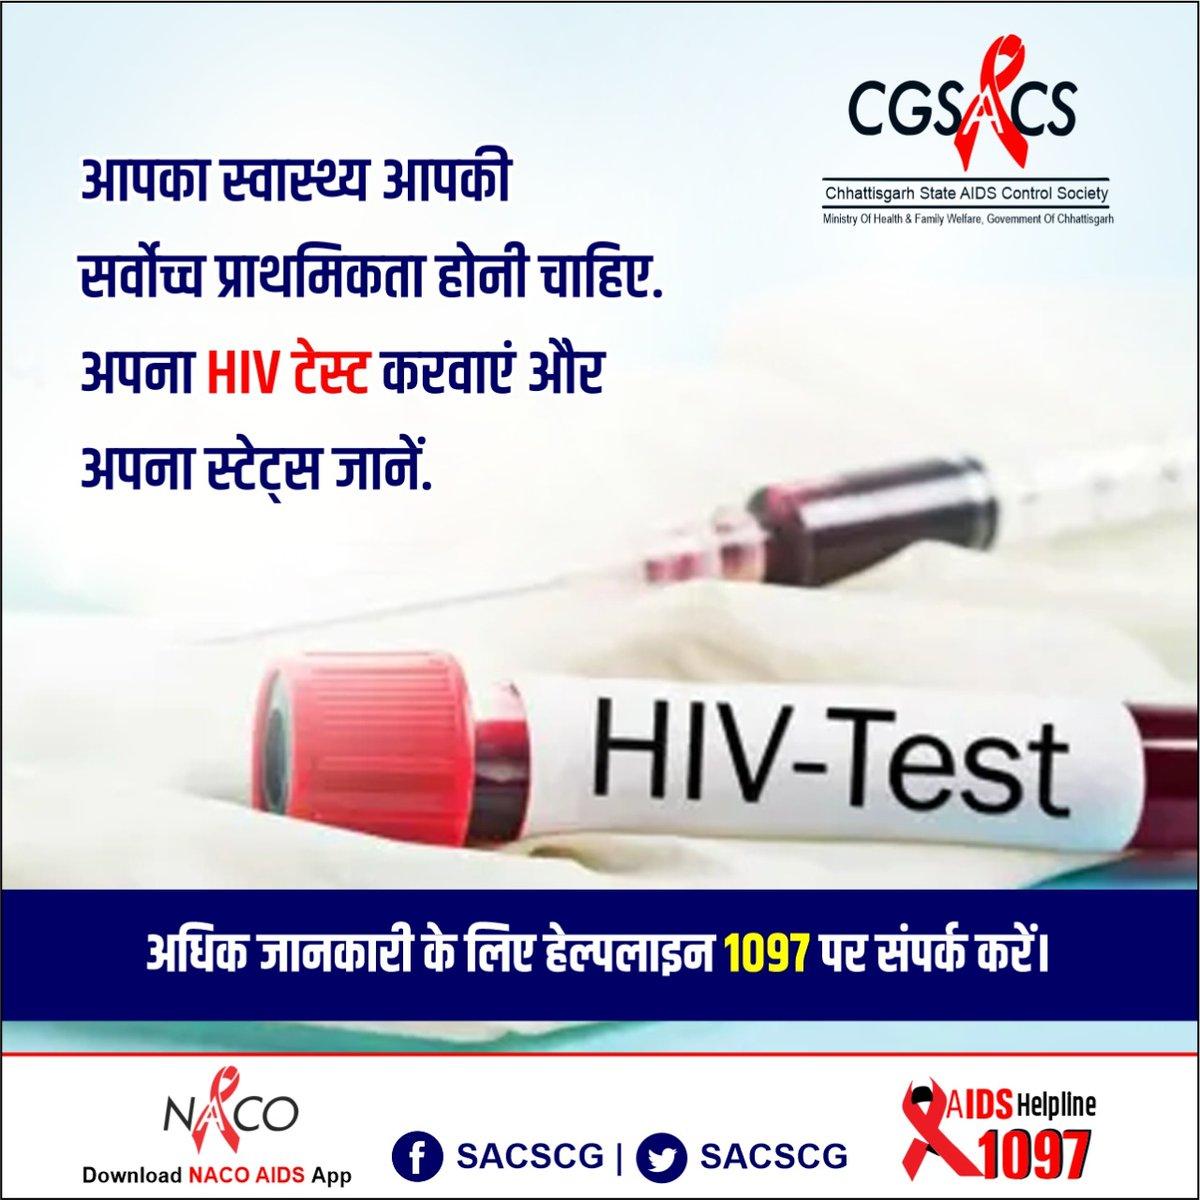 जानकारी ही बचाव है, इसलिए देर ना करें, नजदीकी परामर्श एवं जांच केंद्र जाएं और अपना स्टेटस जाने, इससे सम्बंधित जानकारी के लिए  निःशुल्क हेल्पलाइन 1097 पर संपर्क करें।  #HIV #AIDS #DIAL1097  #KnowYourHIVStatus